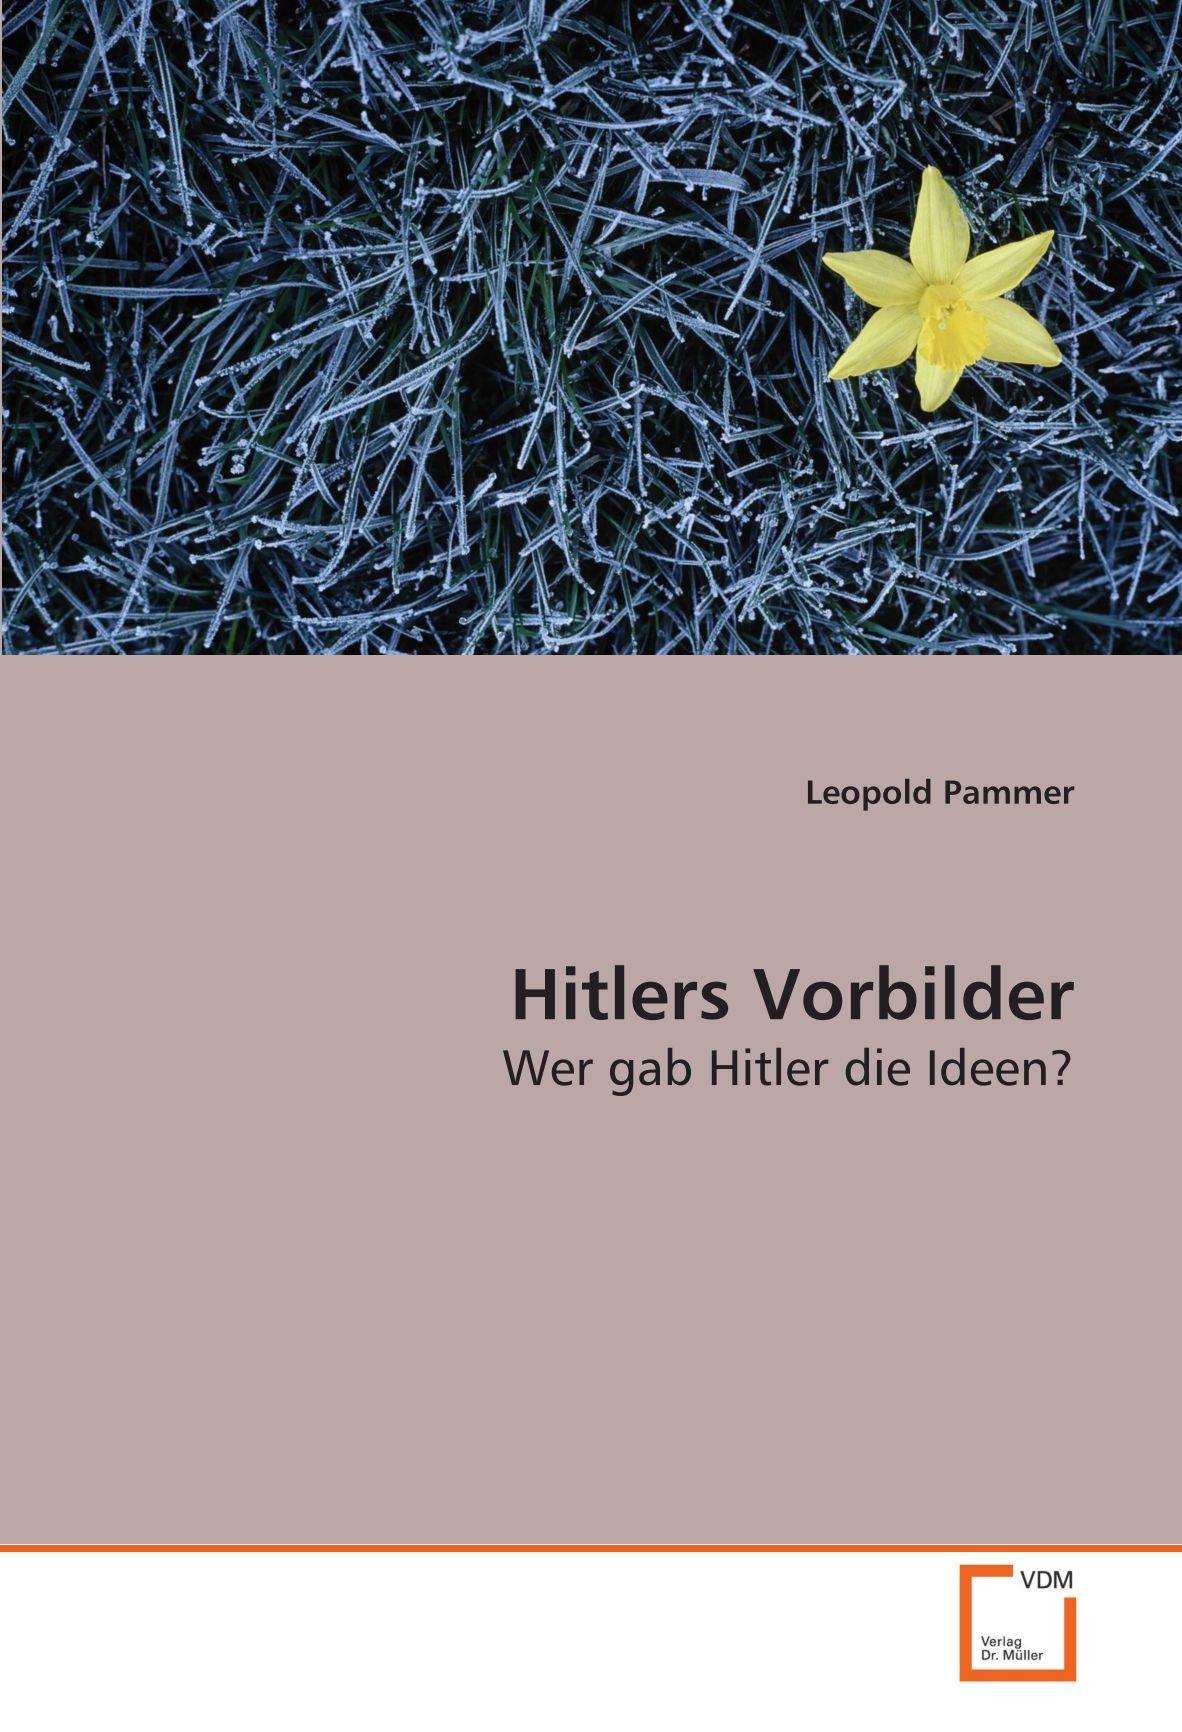 Hitlers Vorbilder: Wer gab Hitler die Ideen?